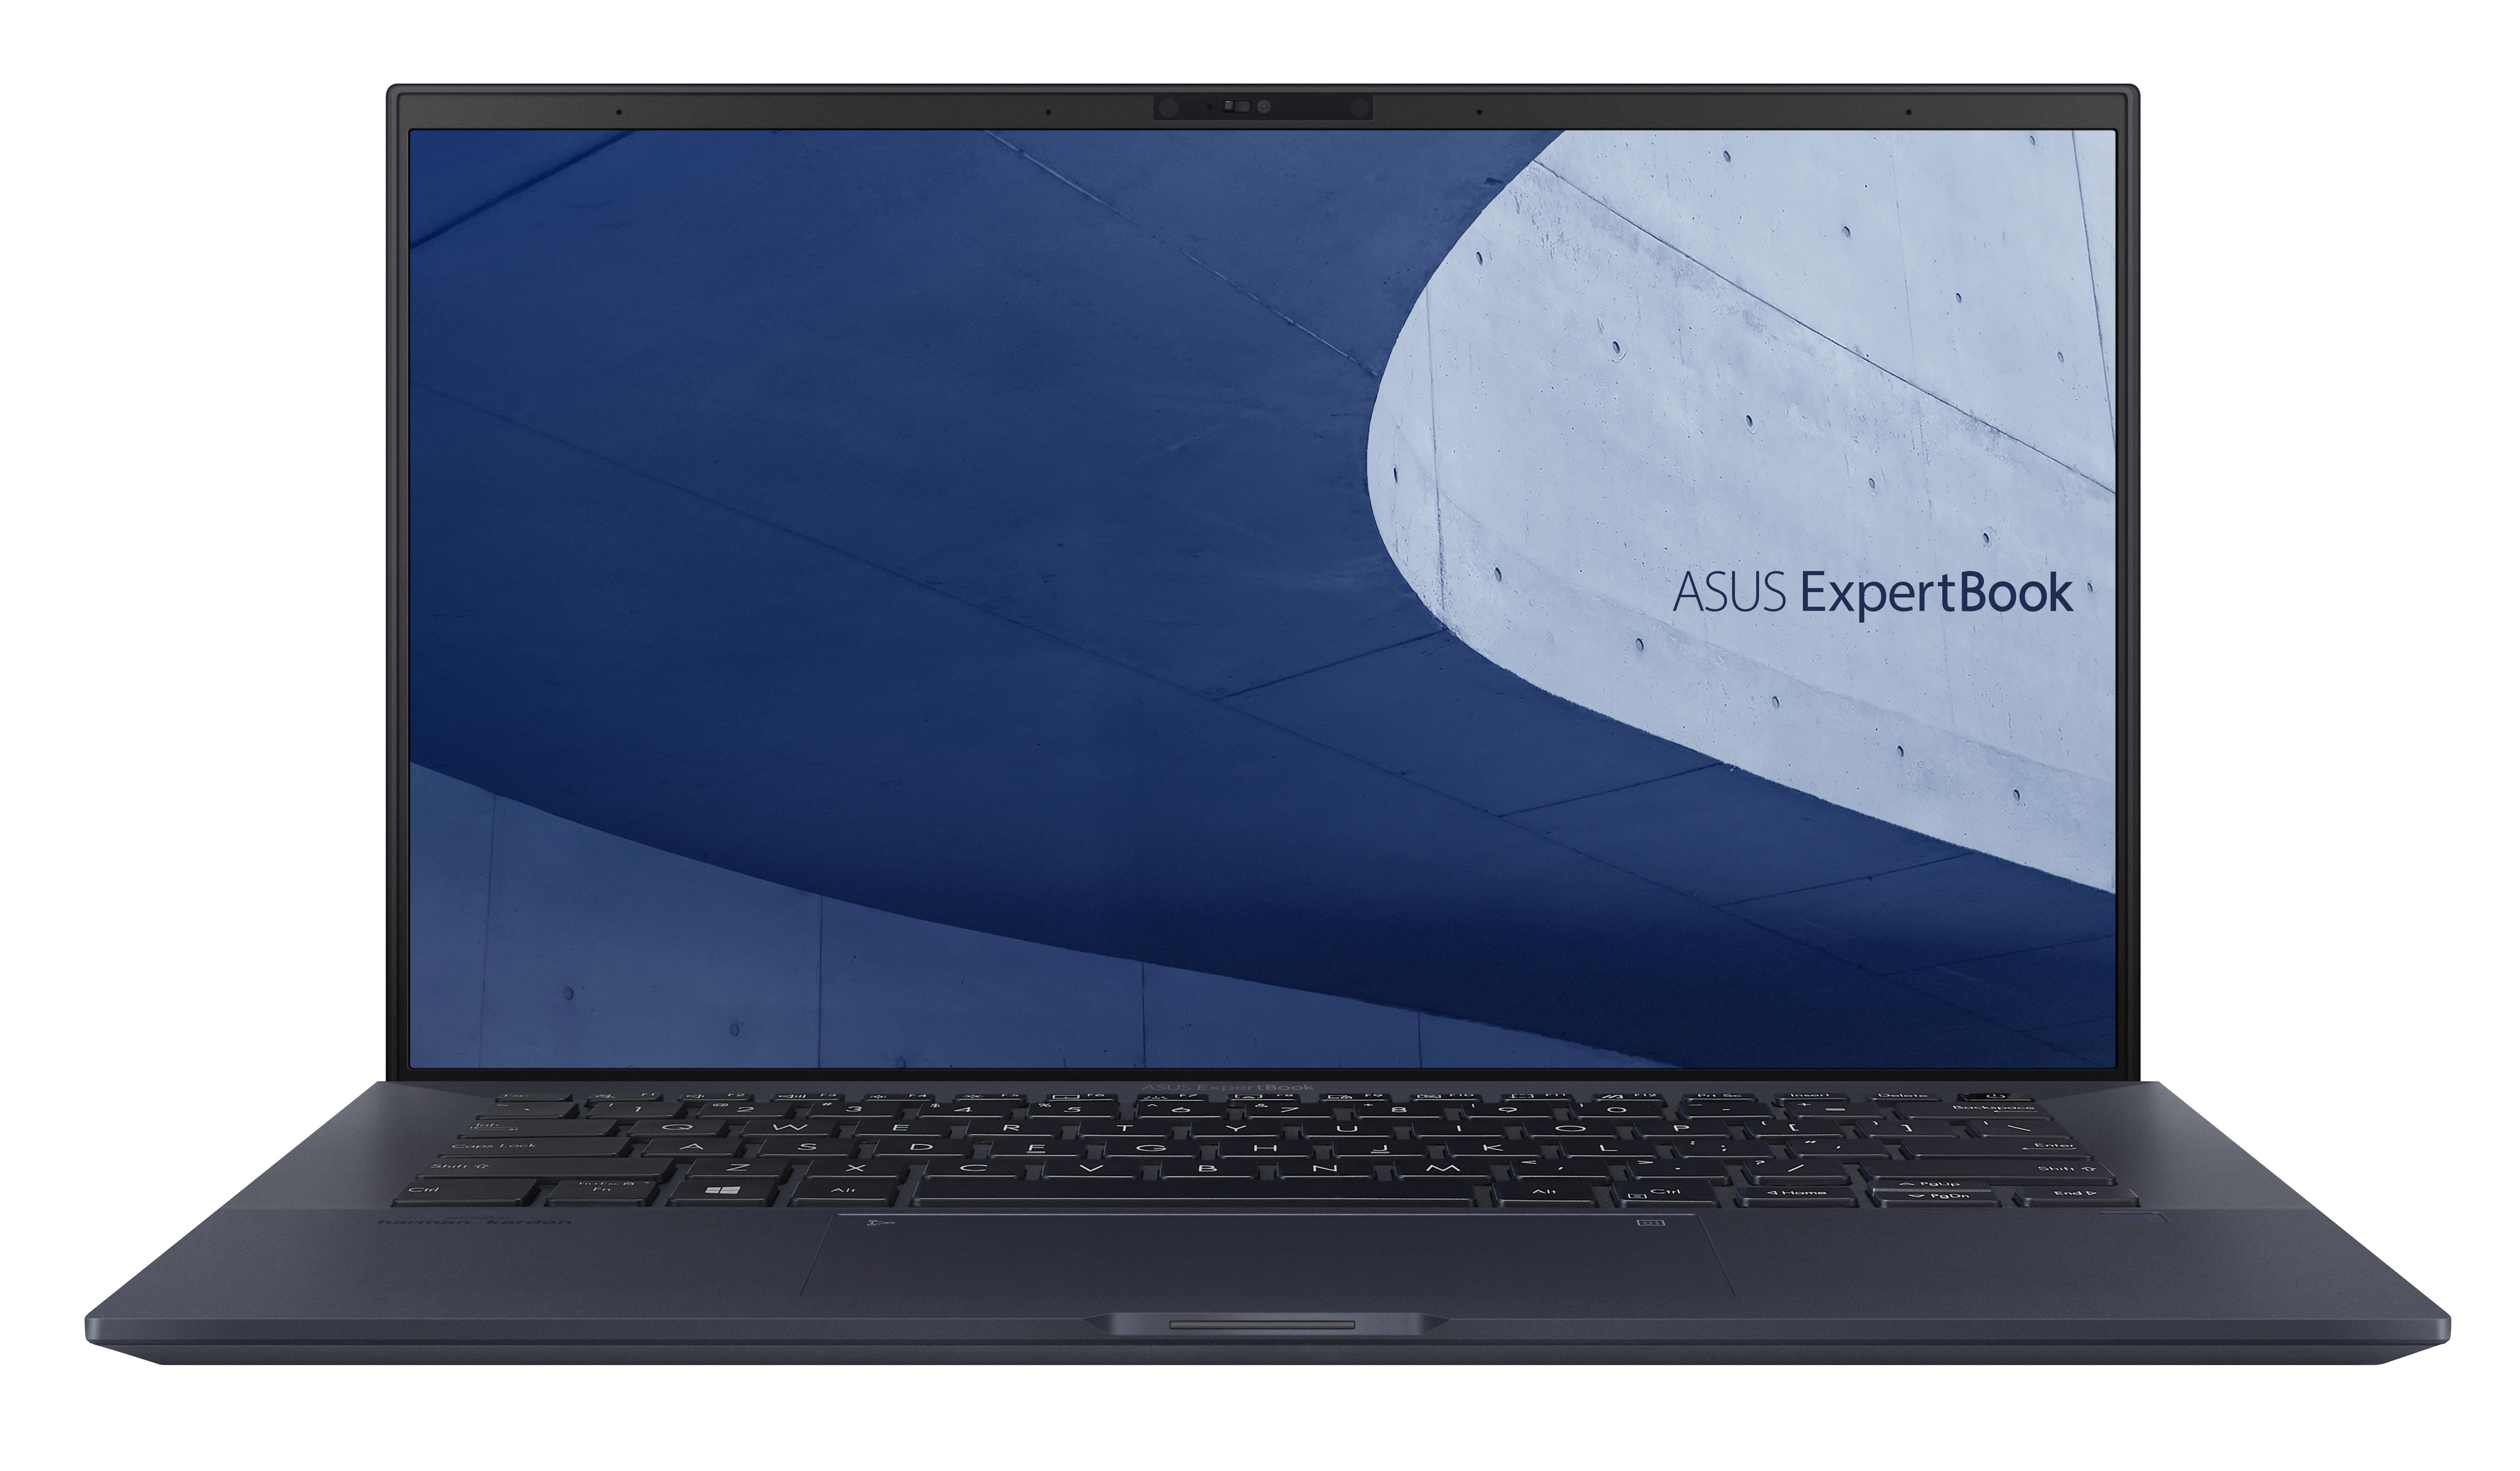 Asus ExpertBook B9450FA-BM0512R